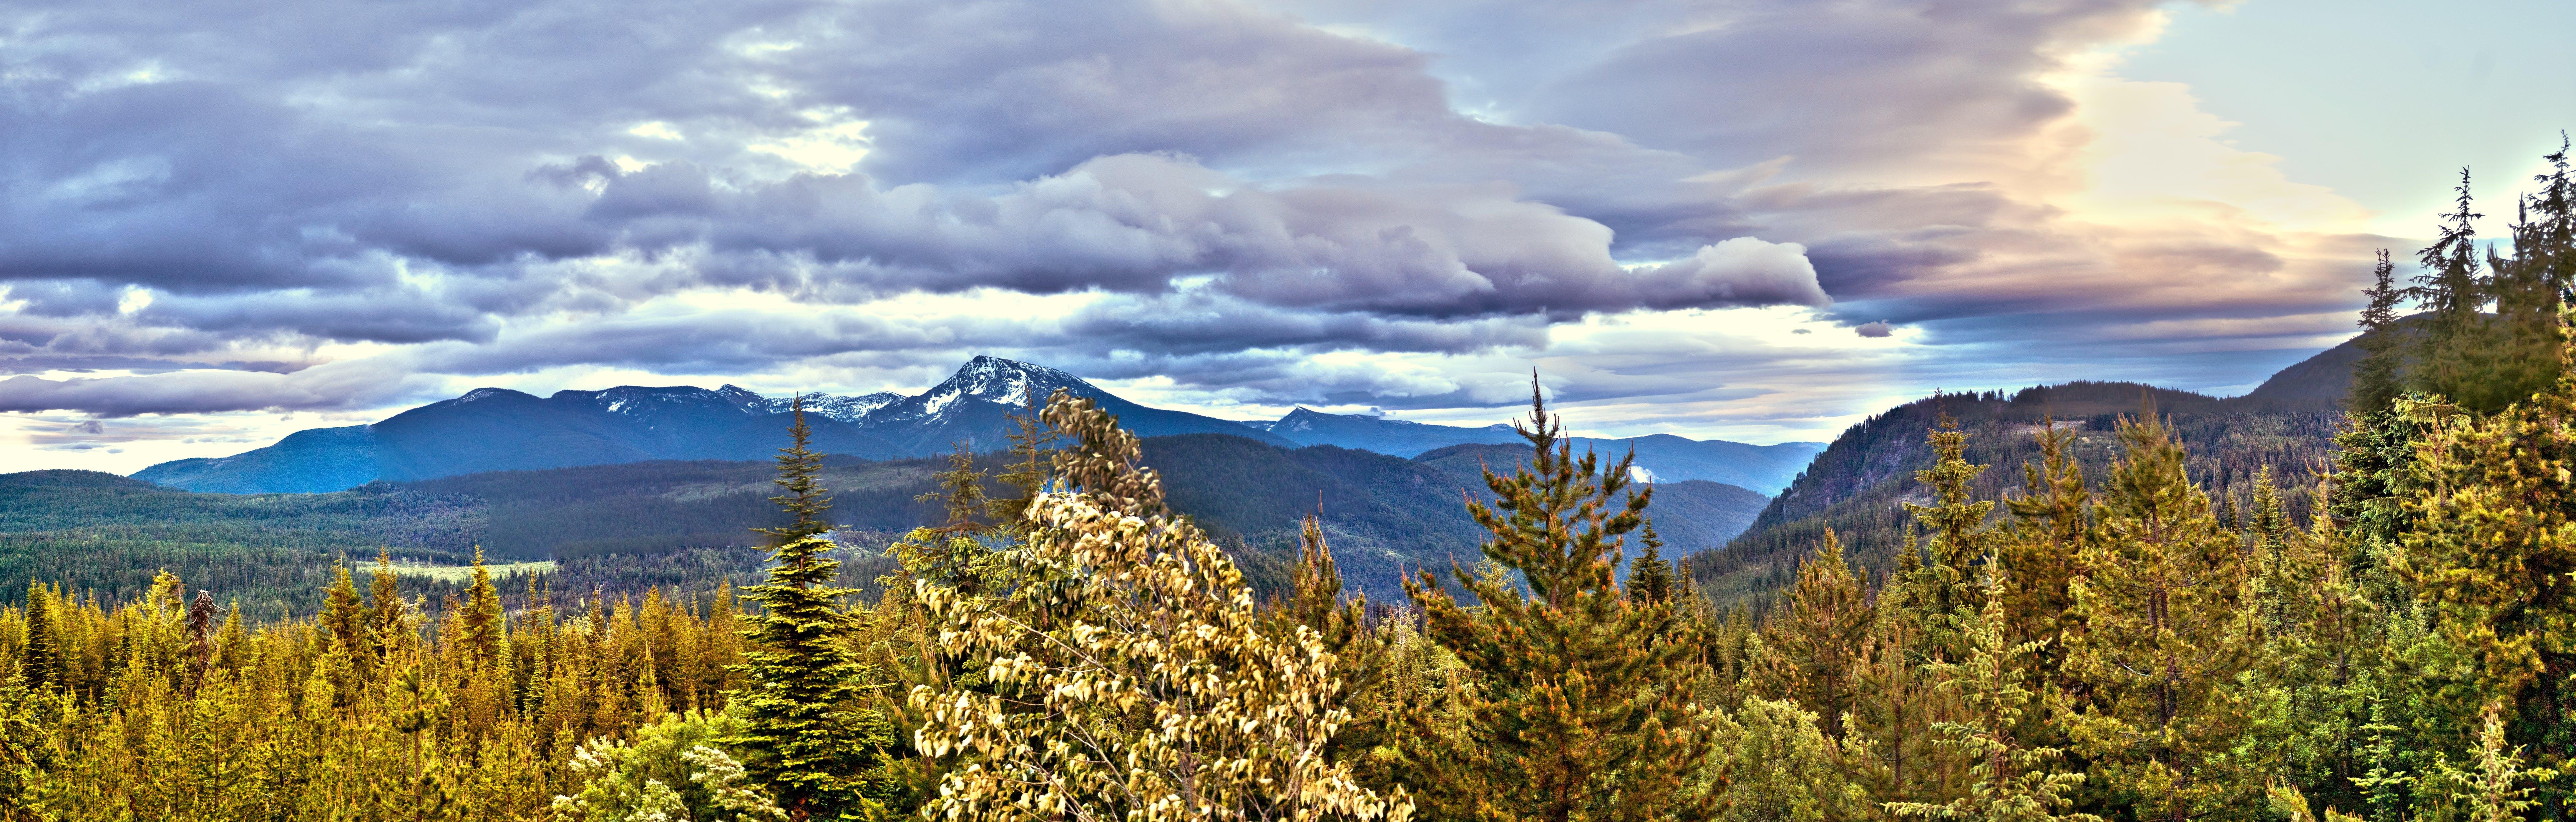 Trees on Mountain Terrain